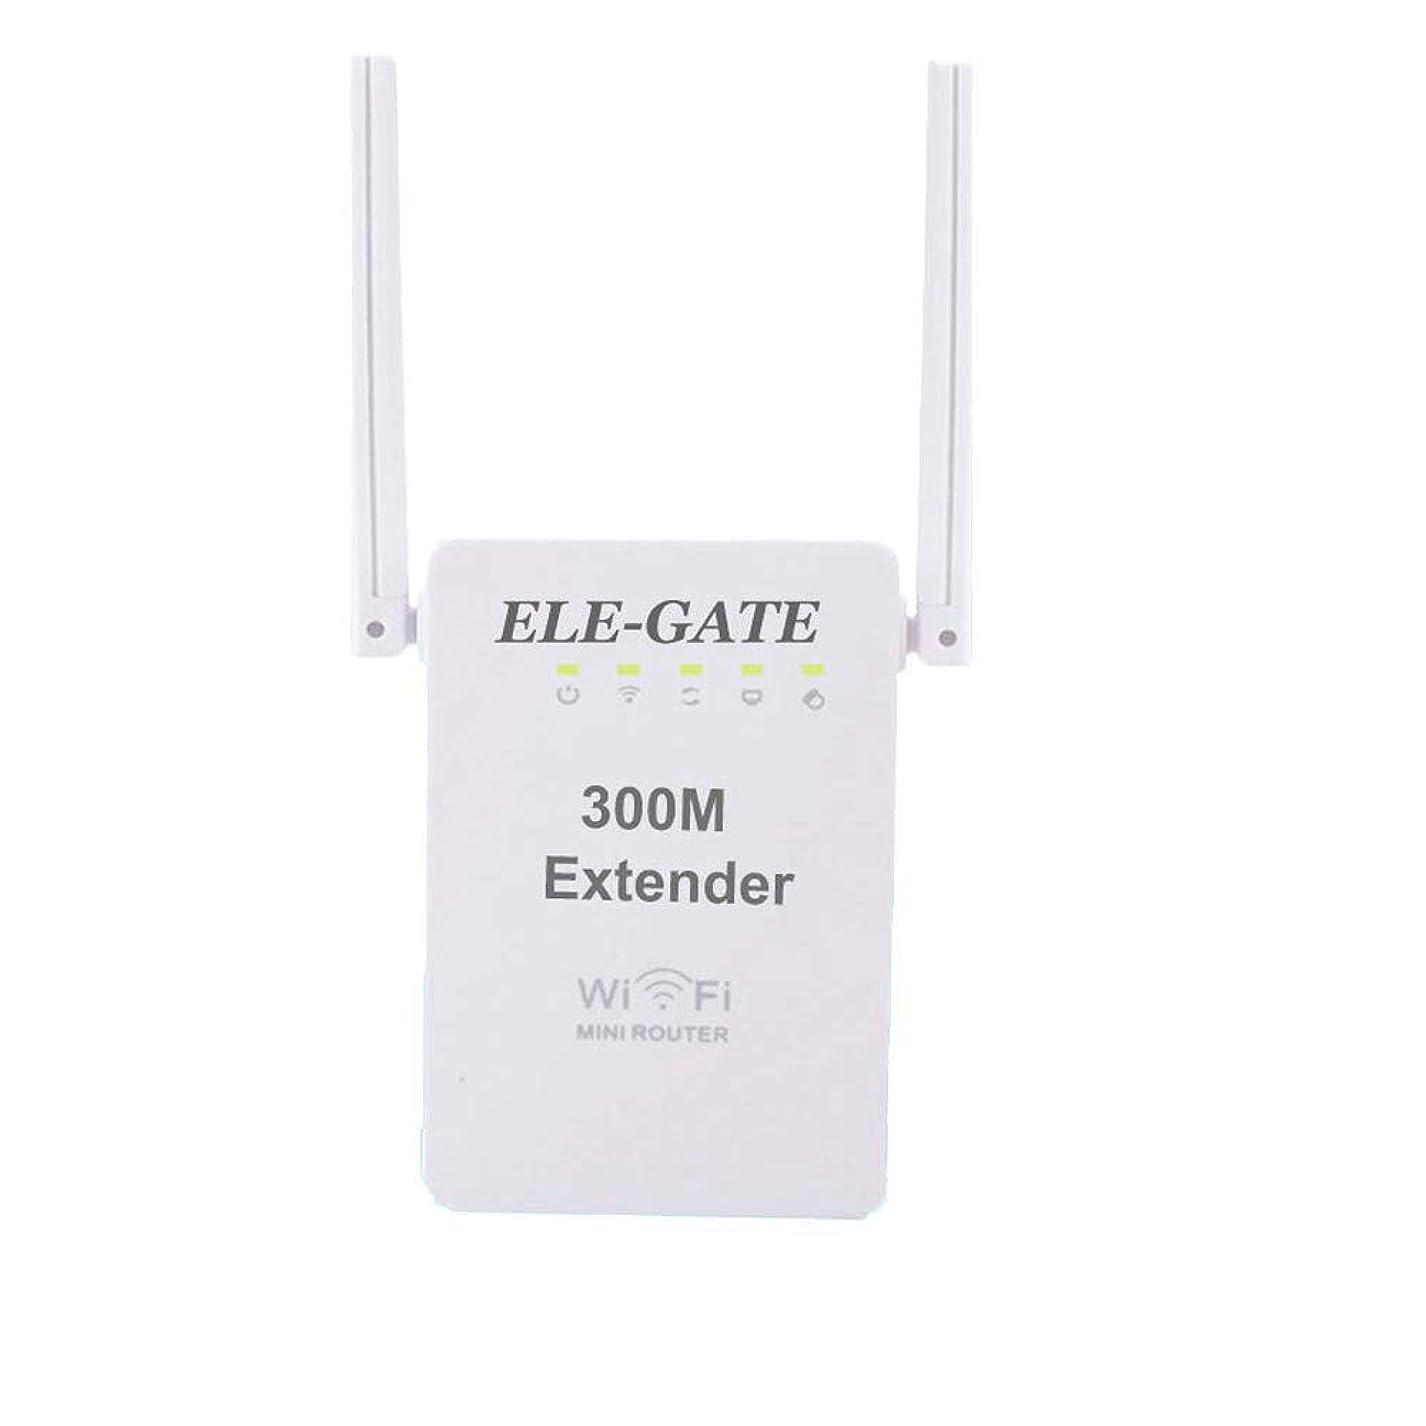 ズボンドラゴンバンジージャンプ無線LAN信号ブースター、300Mbpsの無線LANエクステンダートランク/ルータデュアルモードリピータ、アクセスポイントの簡単設定アップの外部アンテナ